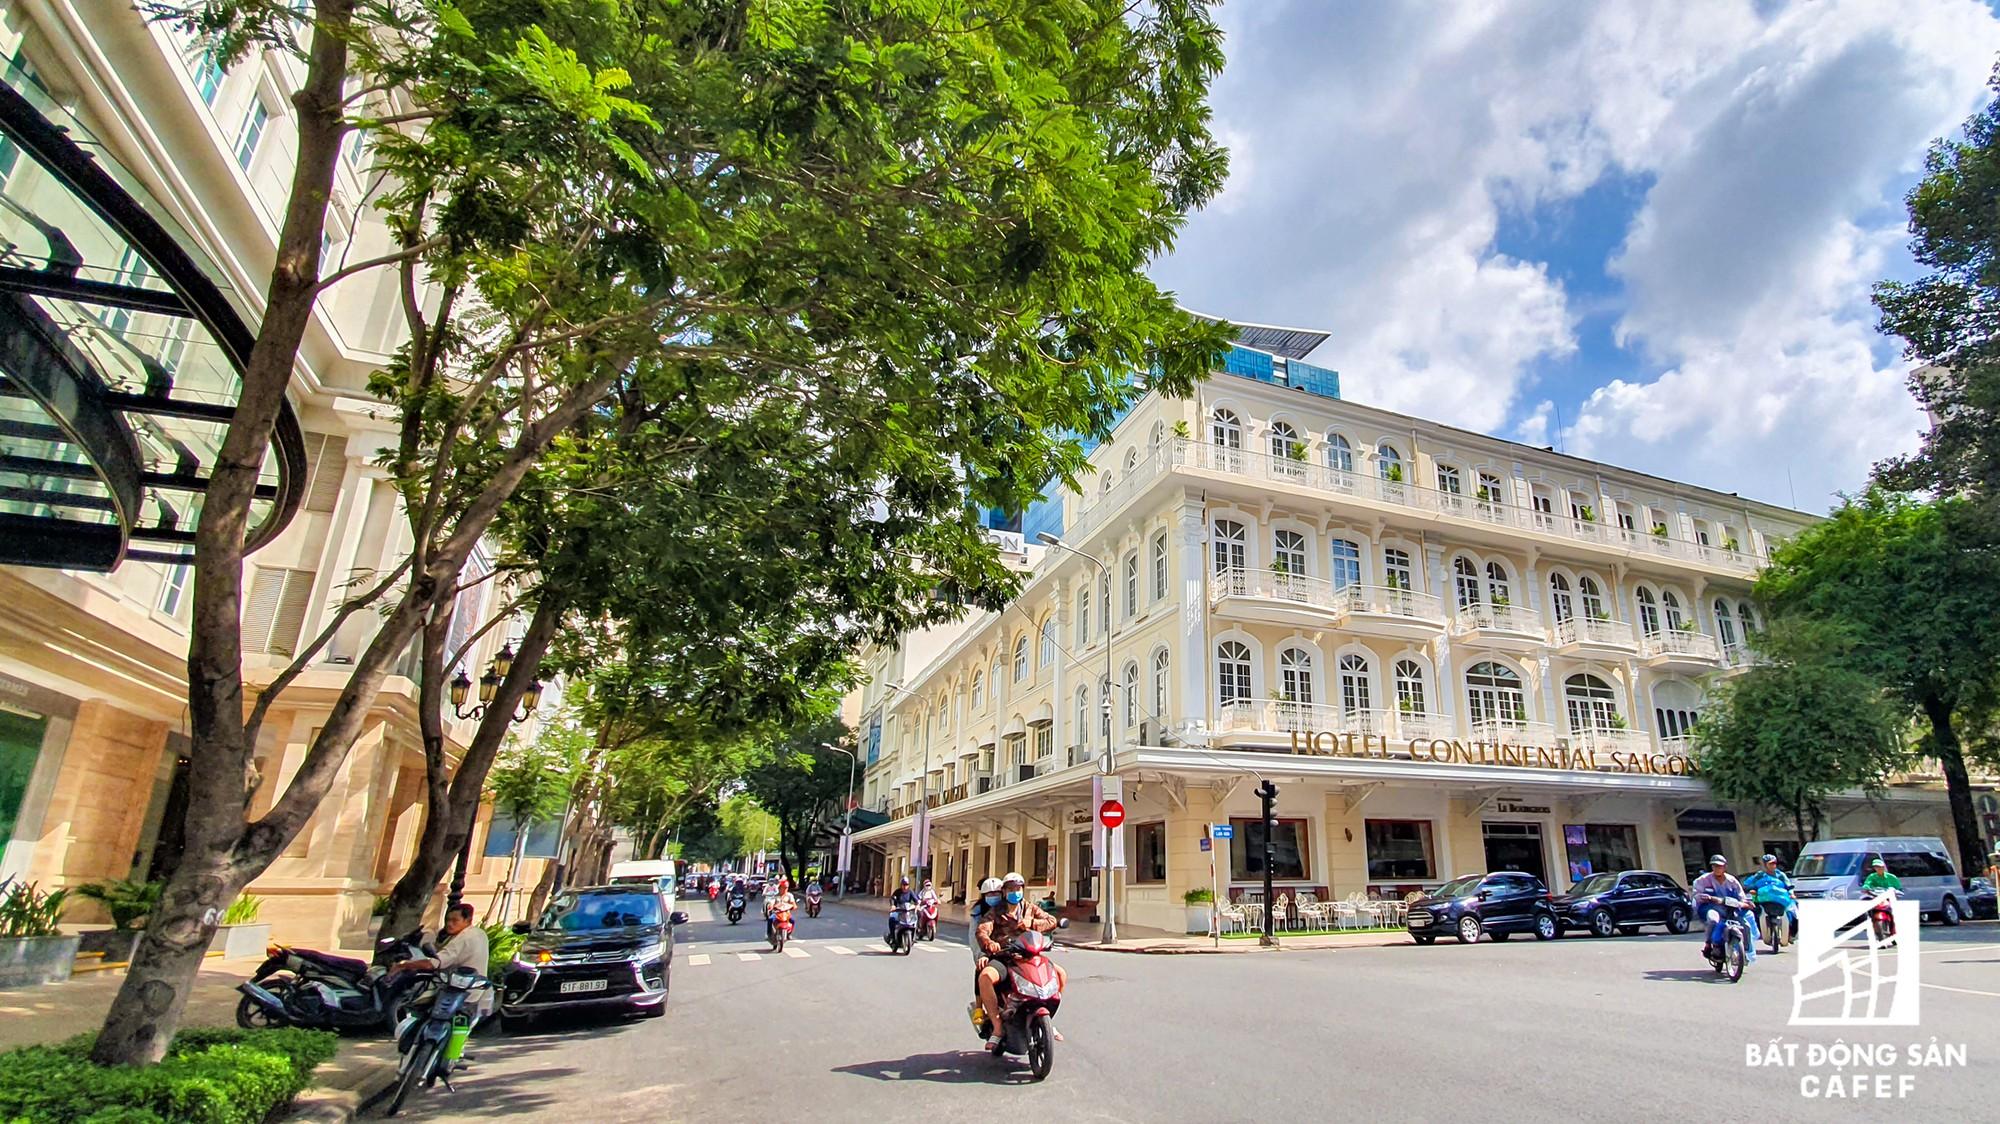 Toàn cảnh con đường có giá bất động sản đắt đỏ nhất Việt Nam, lên tới 2 tỷ đồng một m2 - Ảnh 16.